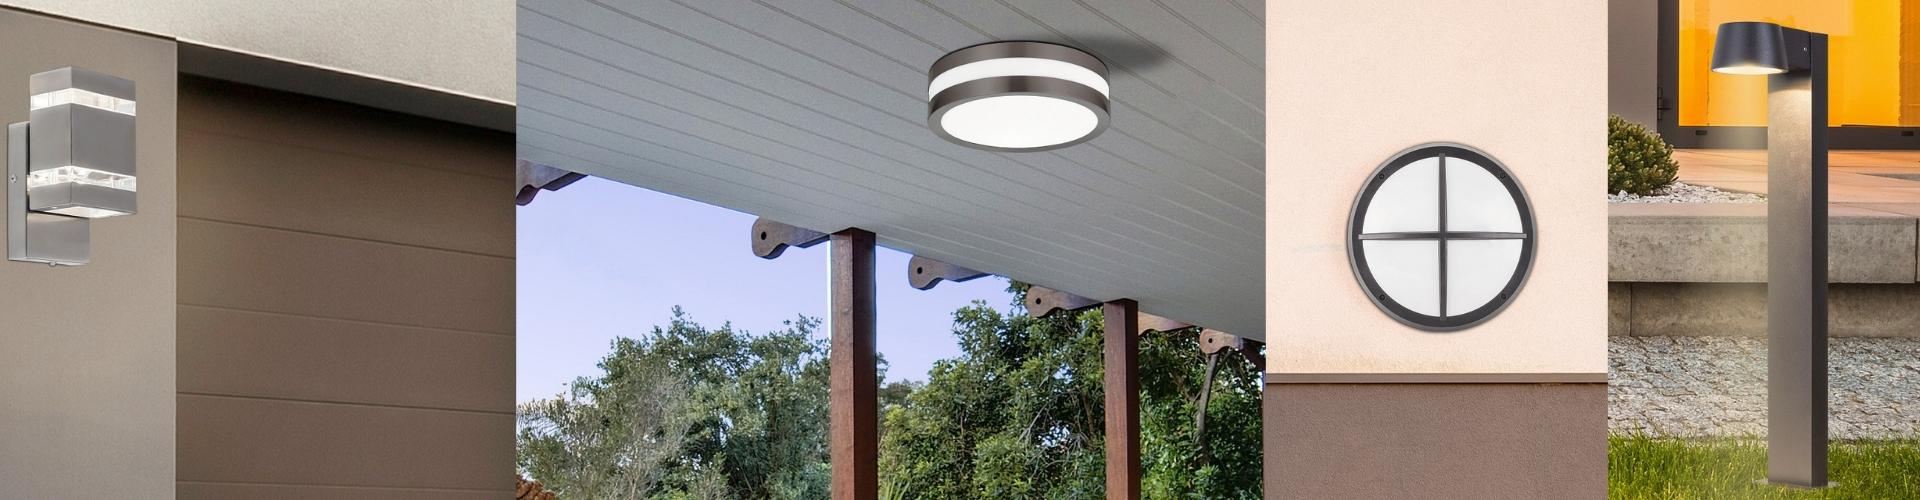 Spoljna LED rasveta